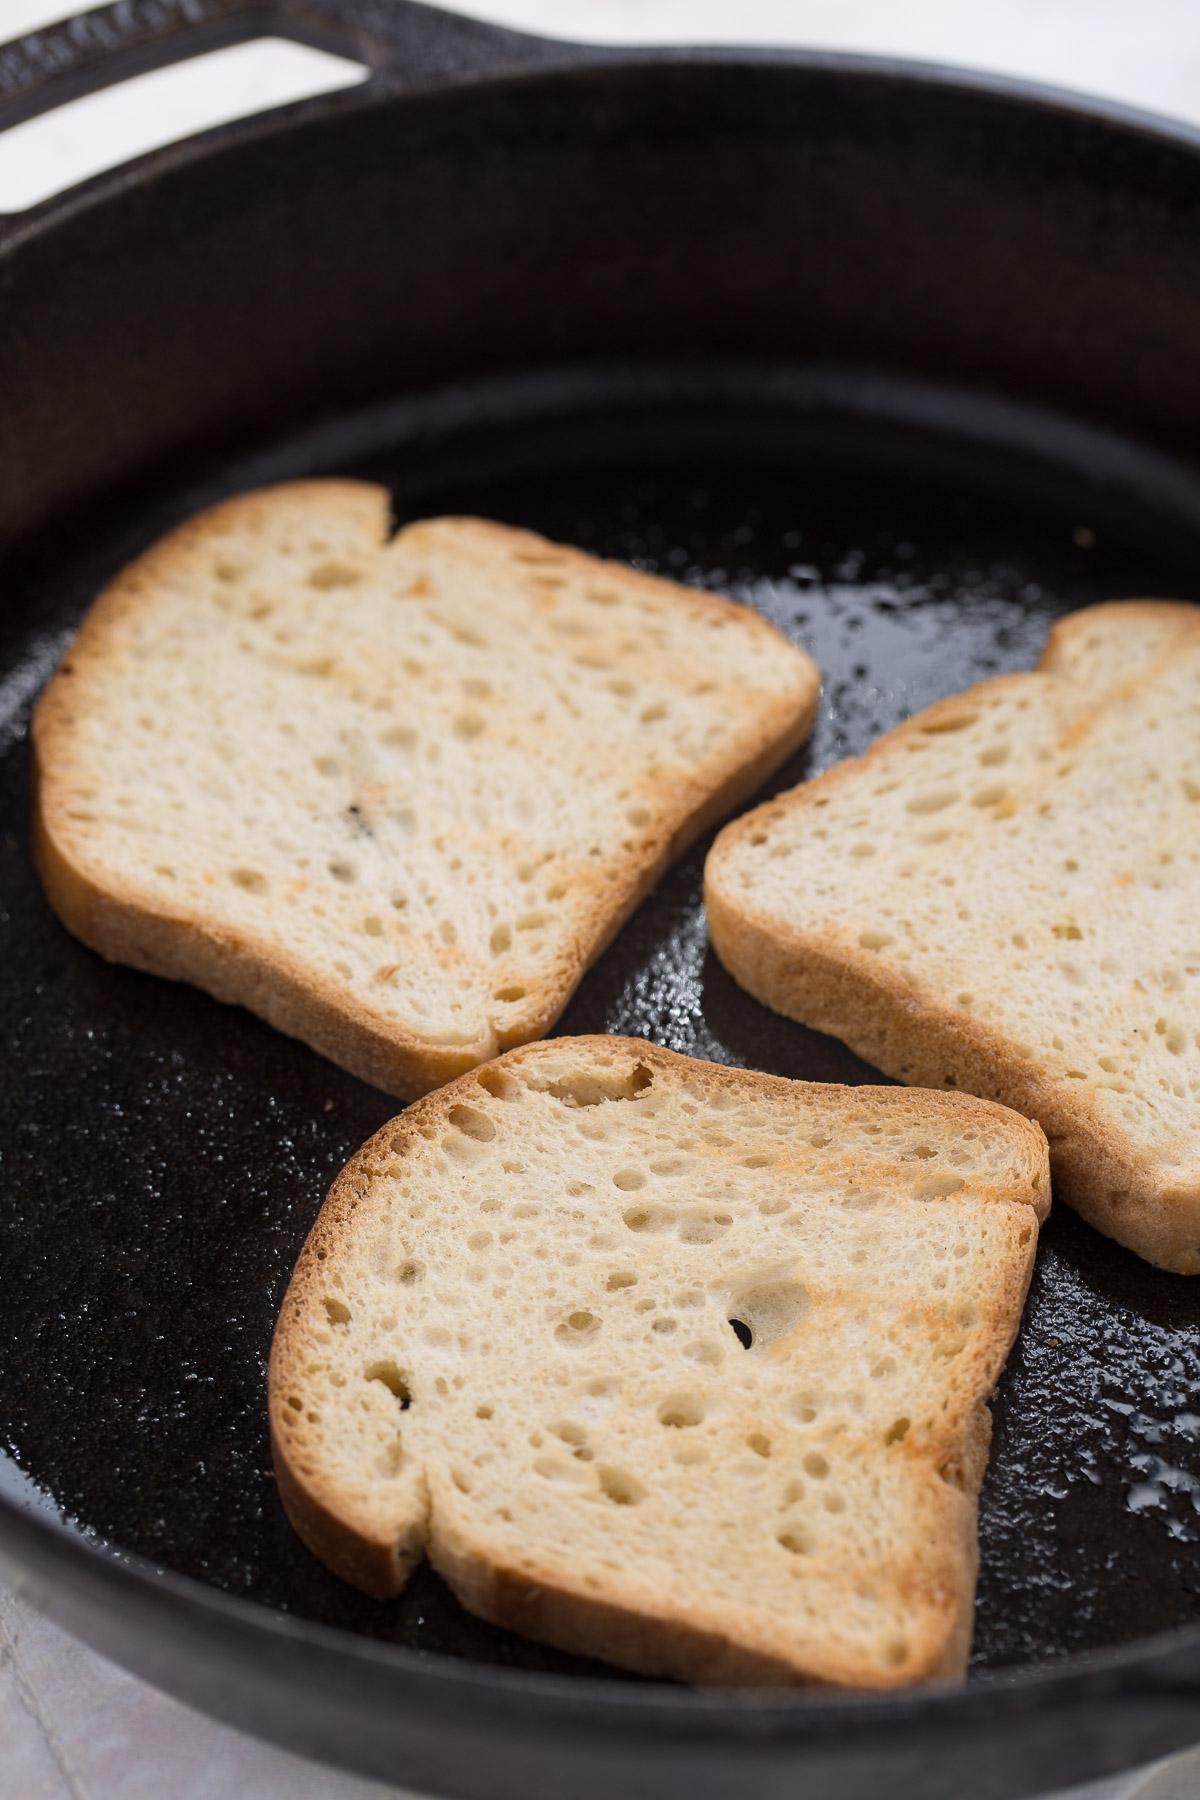 come fare l'avocado toast vegan - how to make a vegan avocado toast